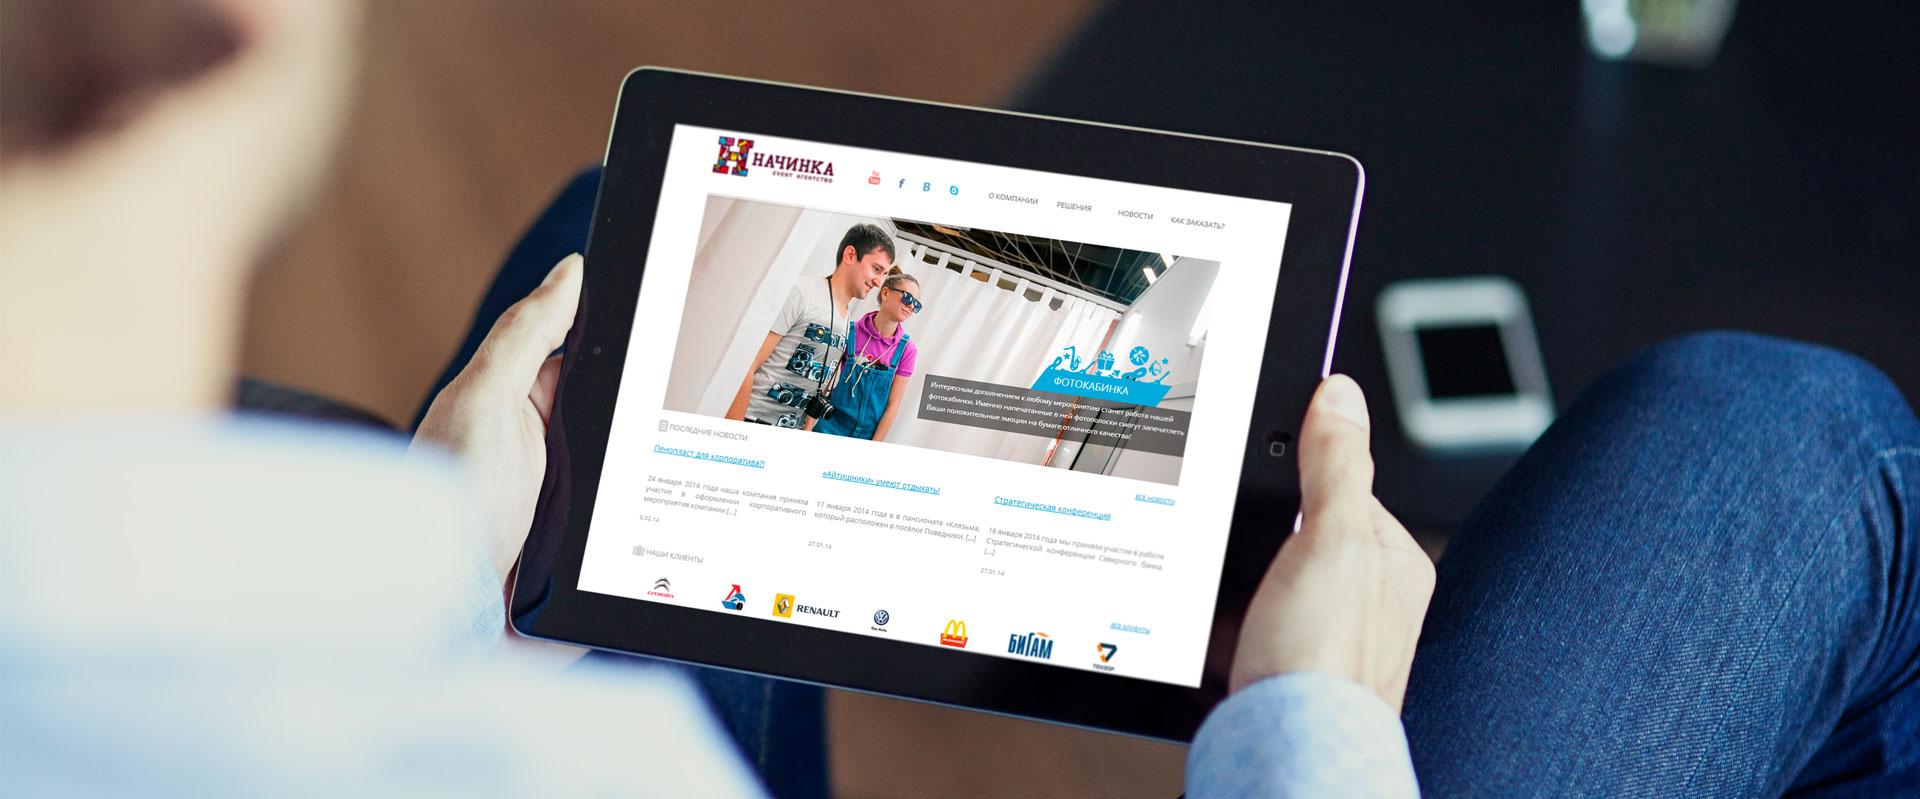 Создание-сайта-ивет-агентства-Начинка